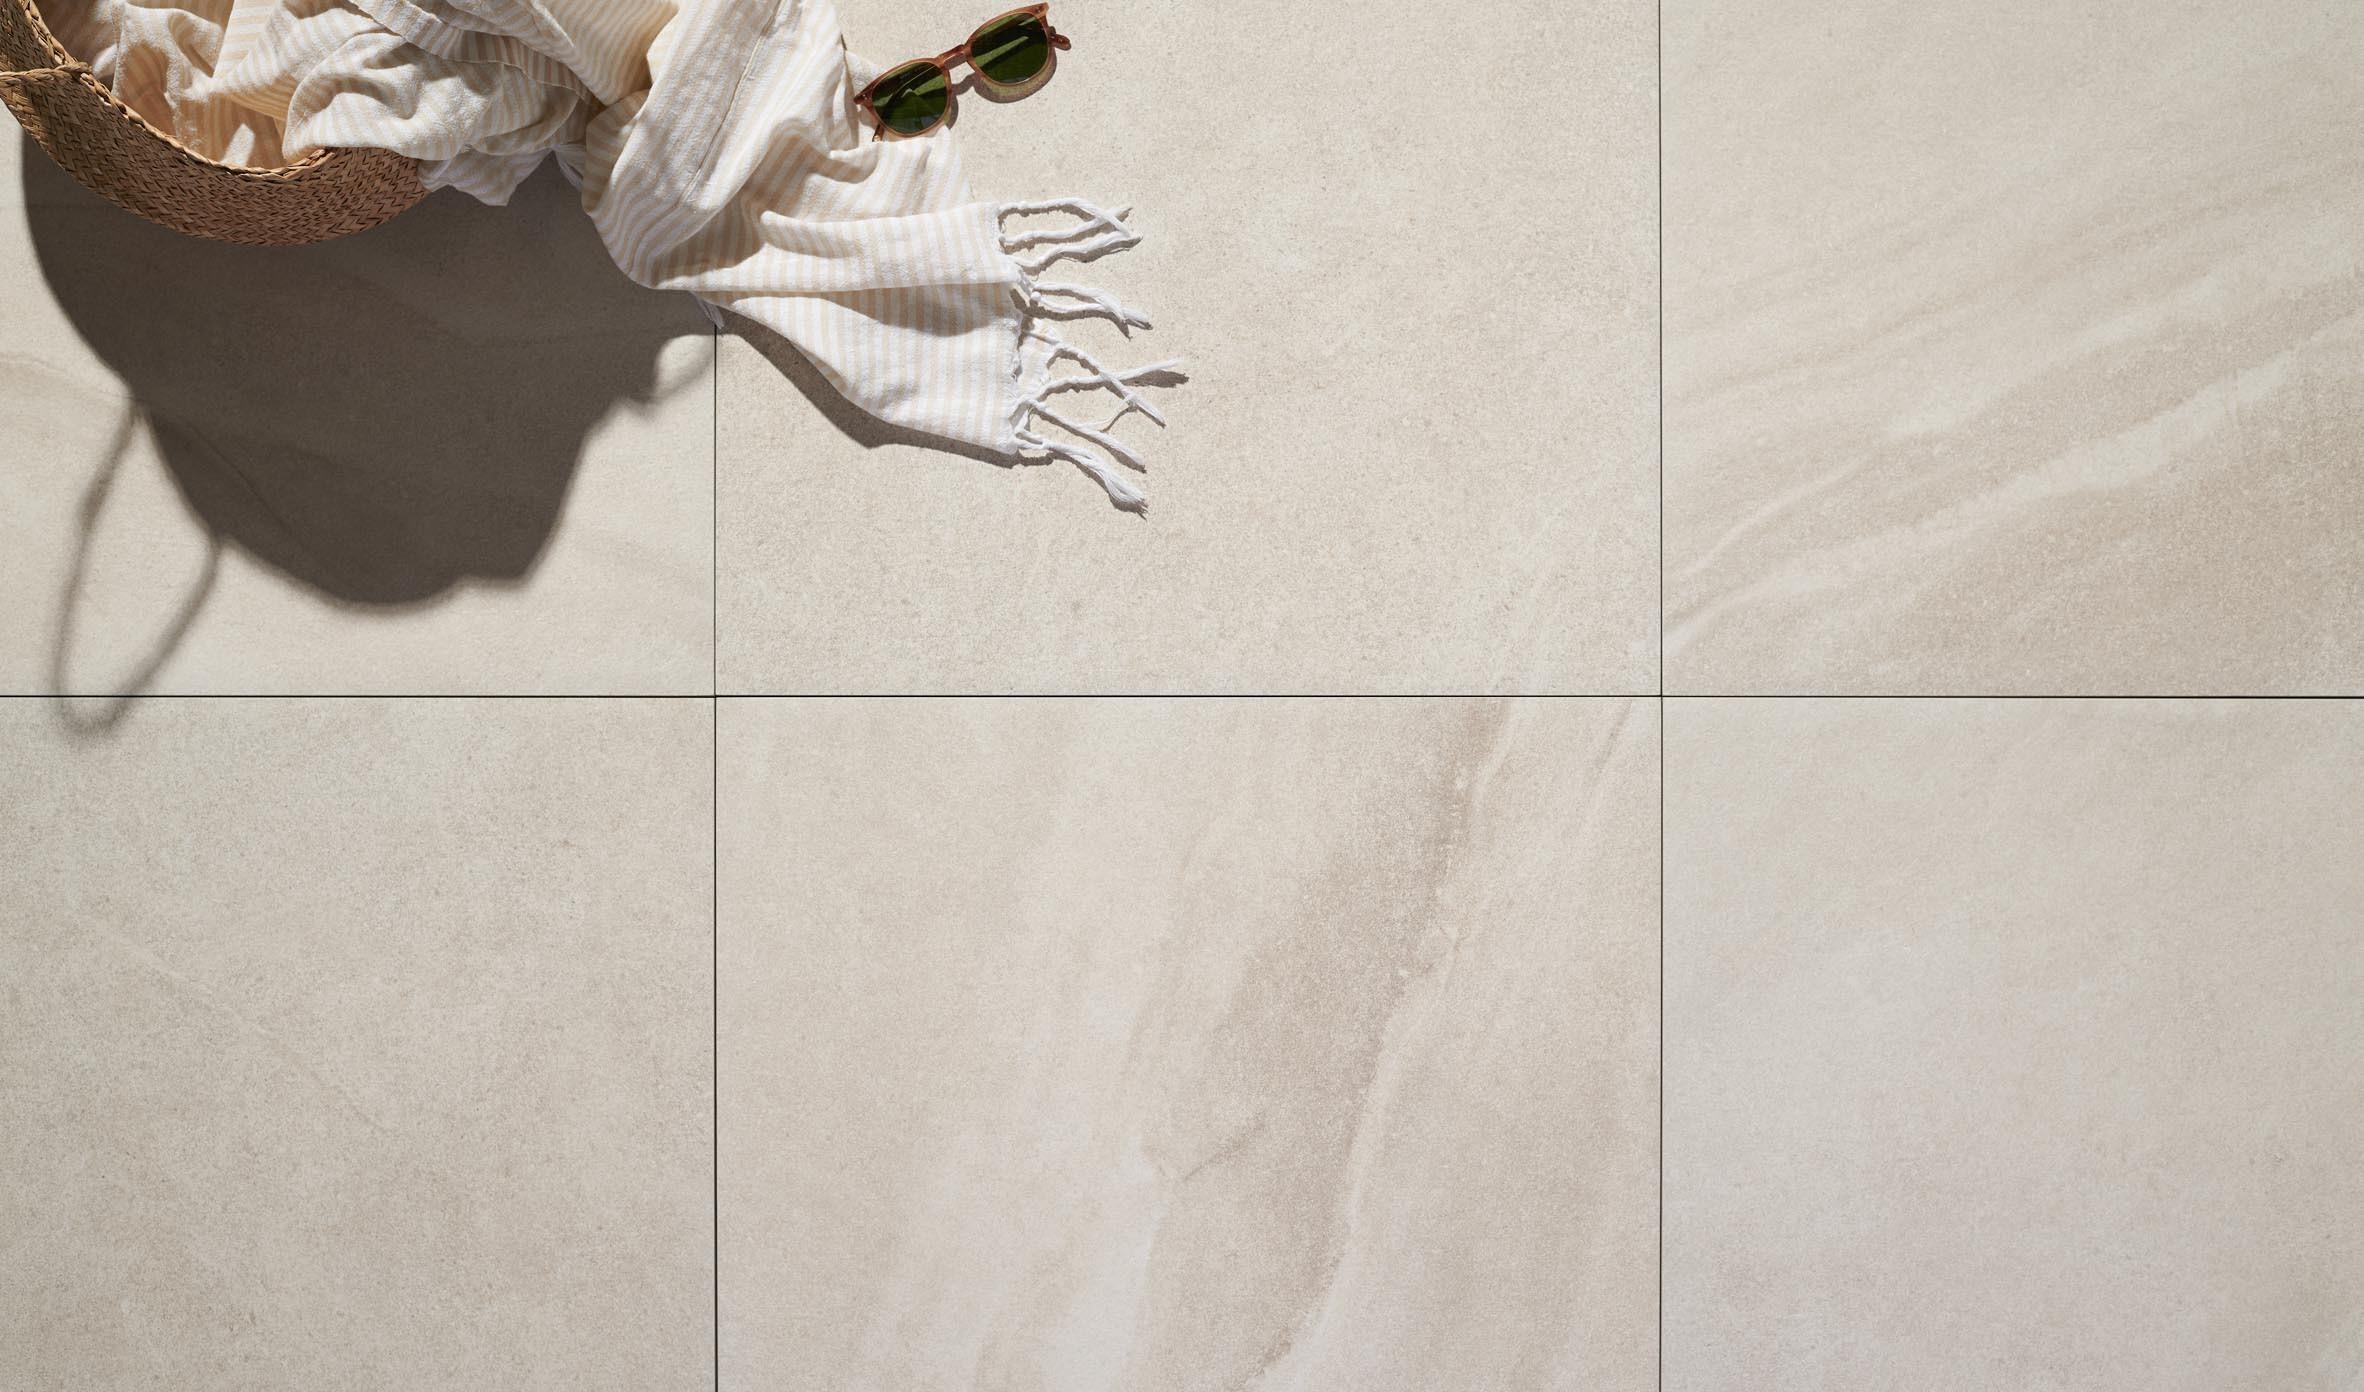 Porcelain-Pavers-Outdoor-20 Thumbnails porcelain-pavers-outdoor-20-24